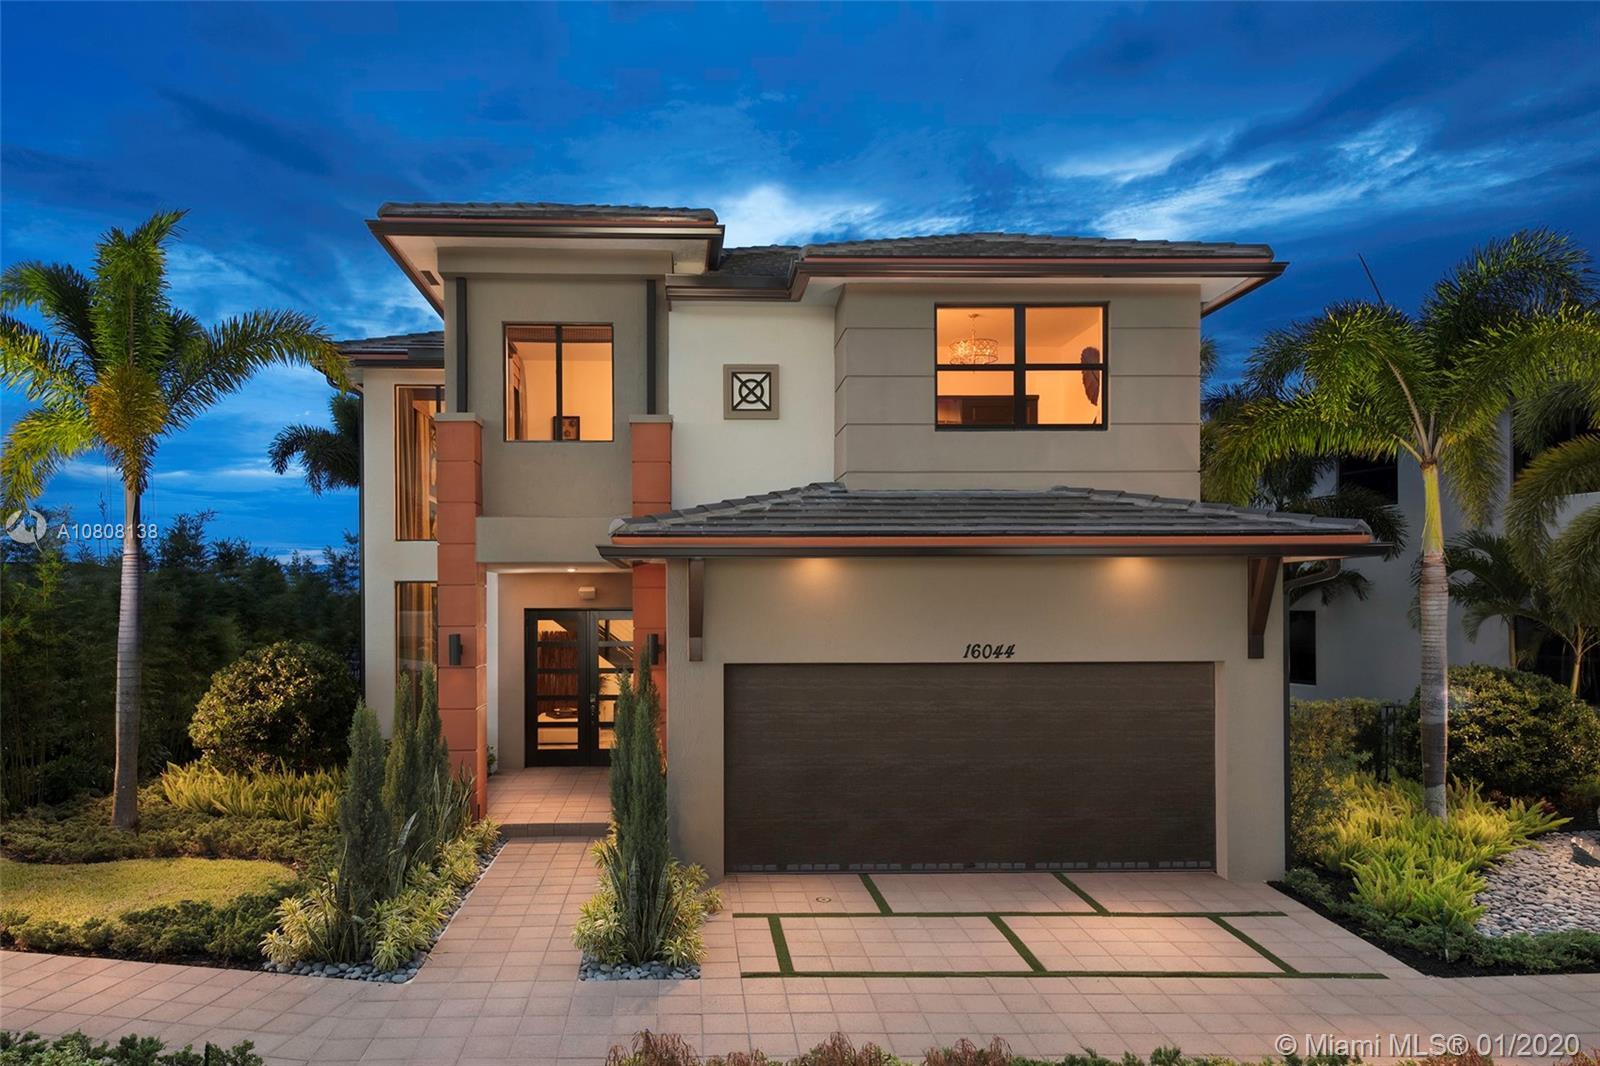 8880 NW 161 TERR, Miami Lakes, FL 33018